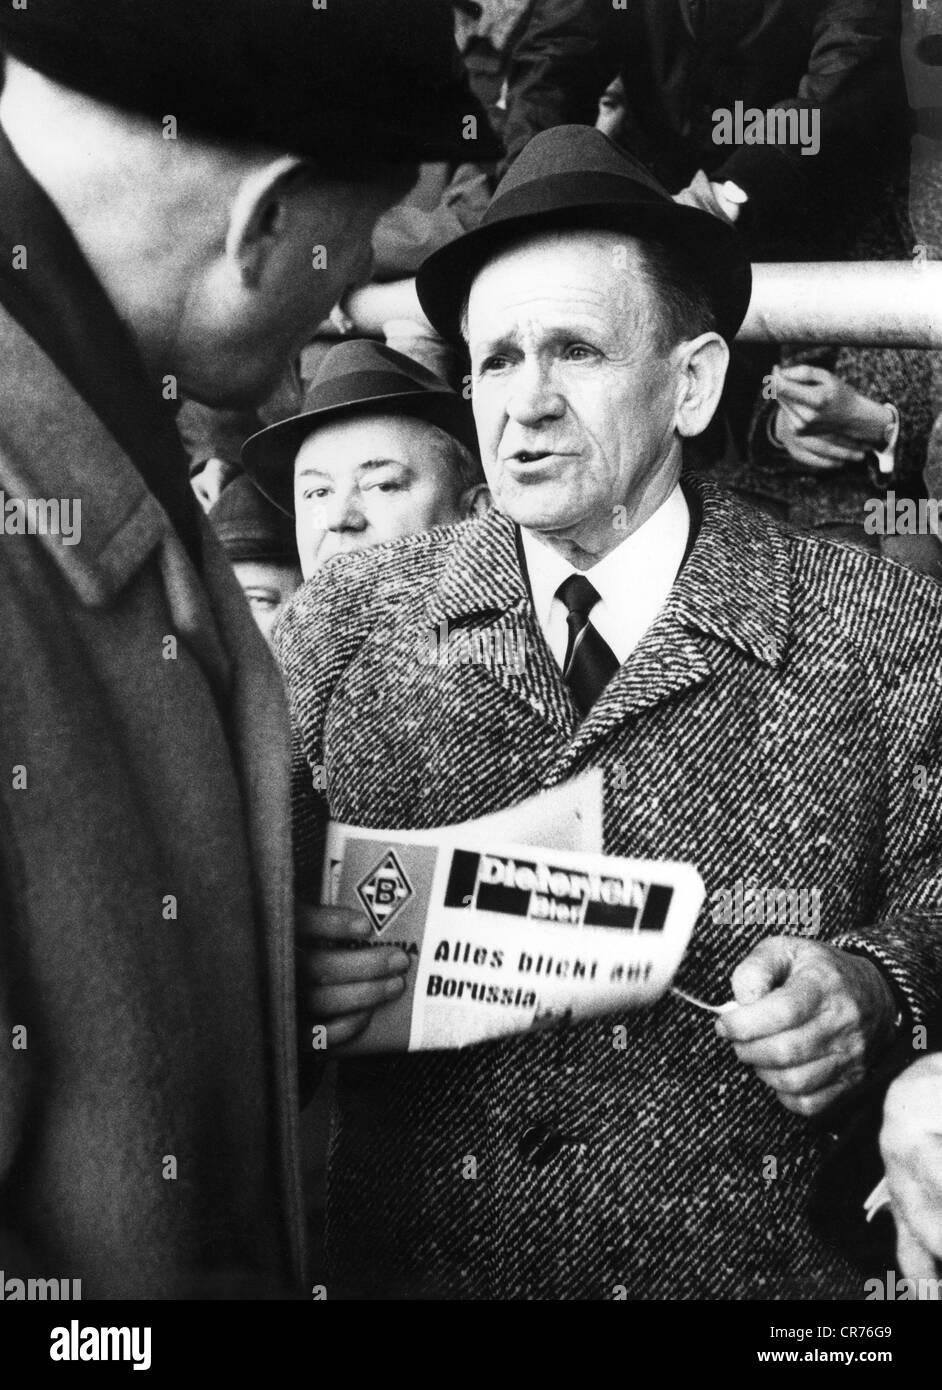 Herberger, Josef epp', 28.3.1897 - 28.4.1977, Deutscher Fußballspieler, auf das Spiel gegen Borussia Mönchengladbach Stockbild